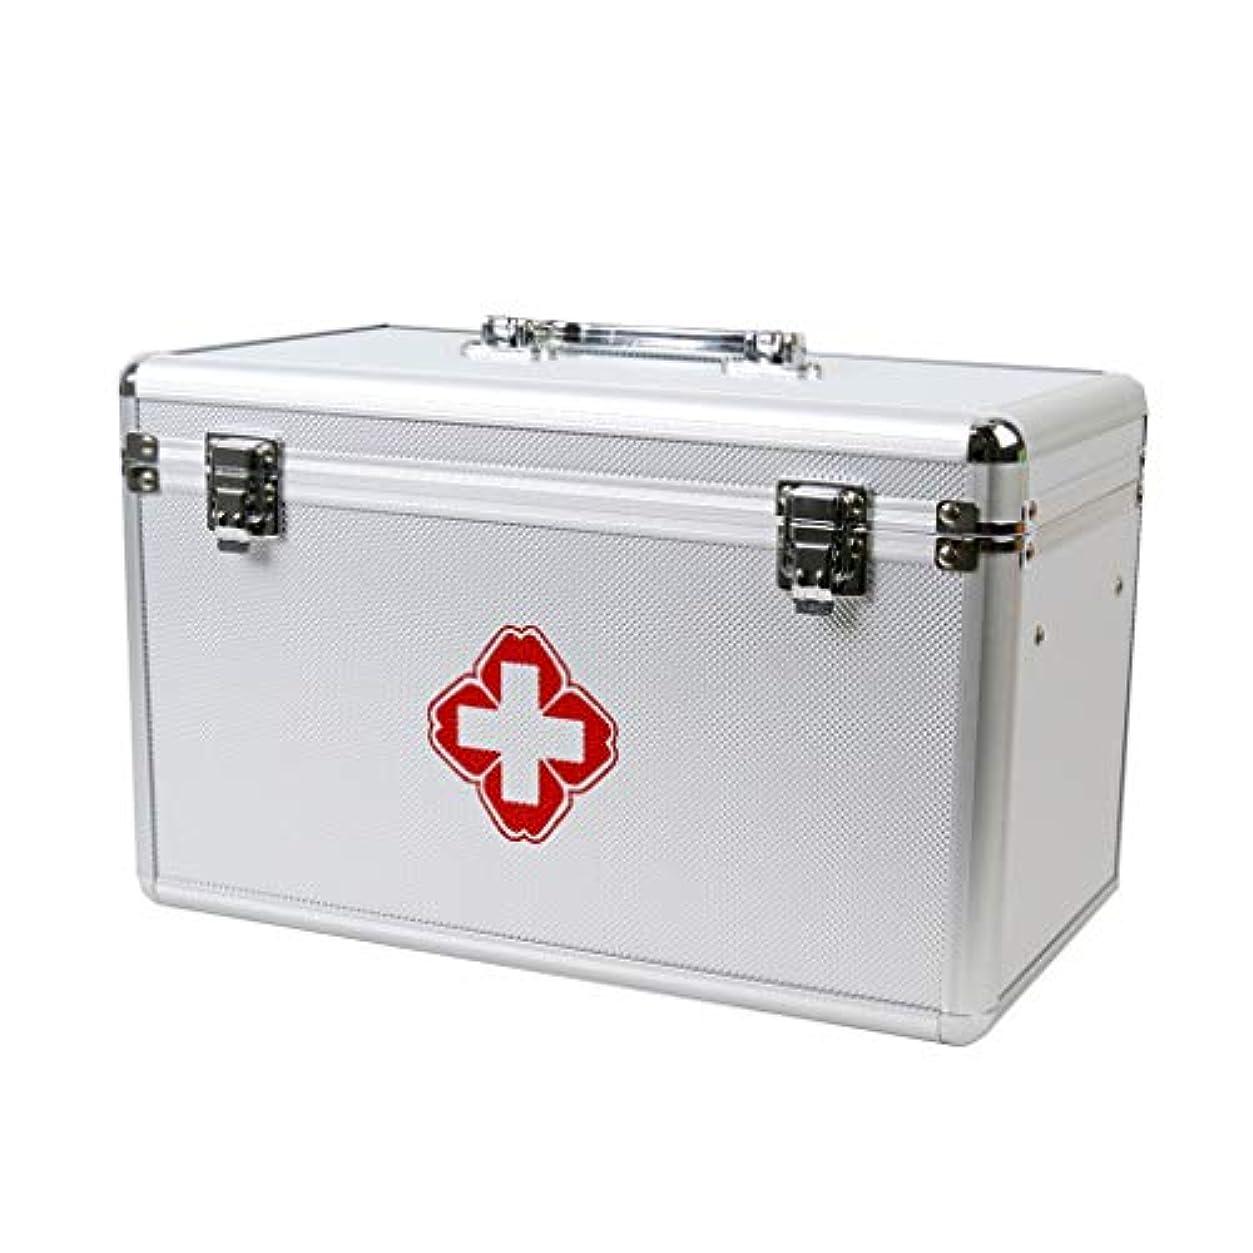 希望に満ちた手当豚ロック可能な薬箱オーガナイザーコンパートメント付き金属薬ロックボックスチャイルドプルーフ処方収納ボックス-ポータブルハンドル/ショルダーストラップ